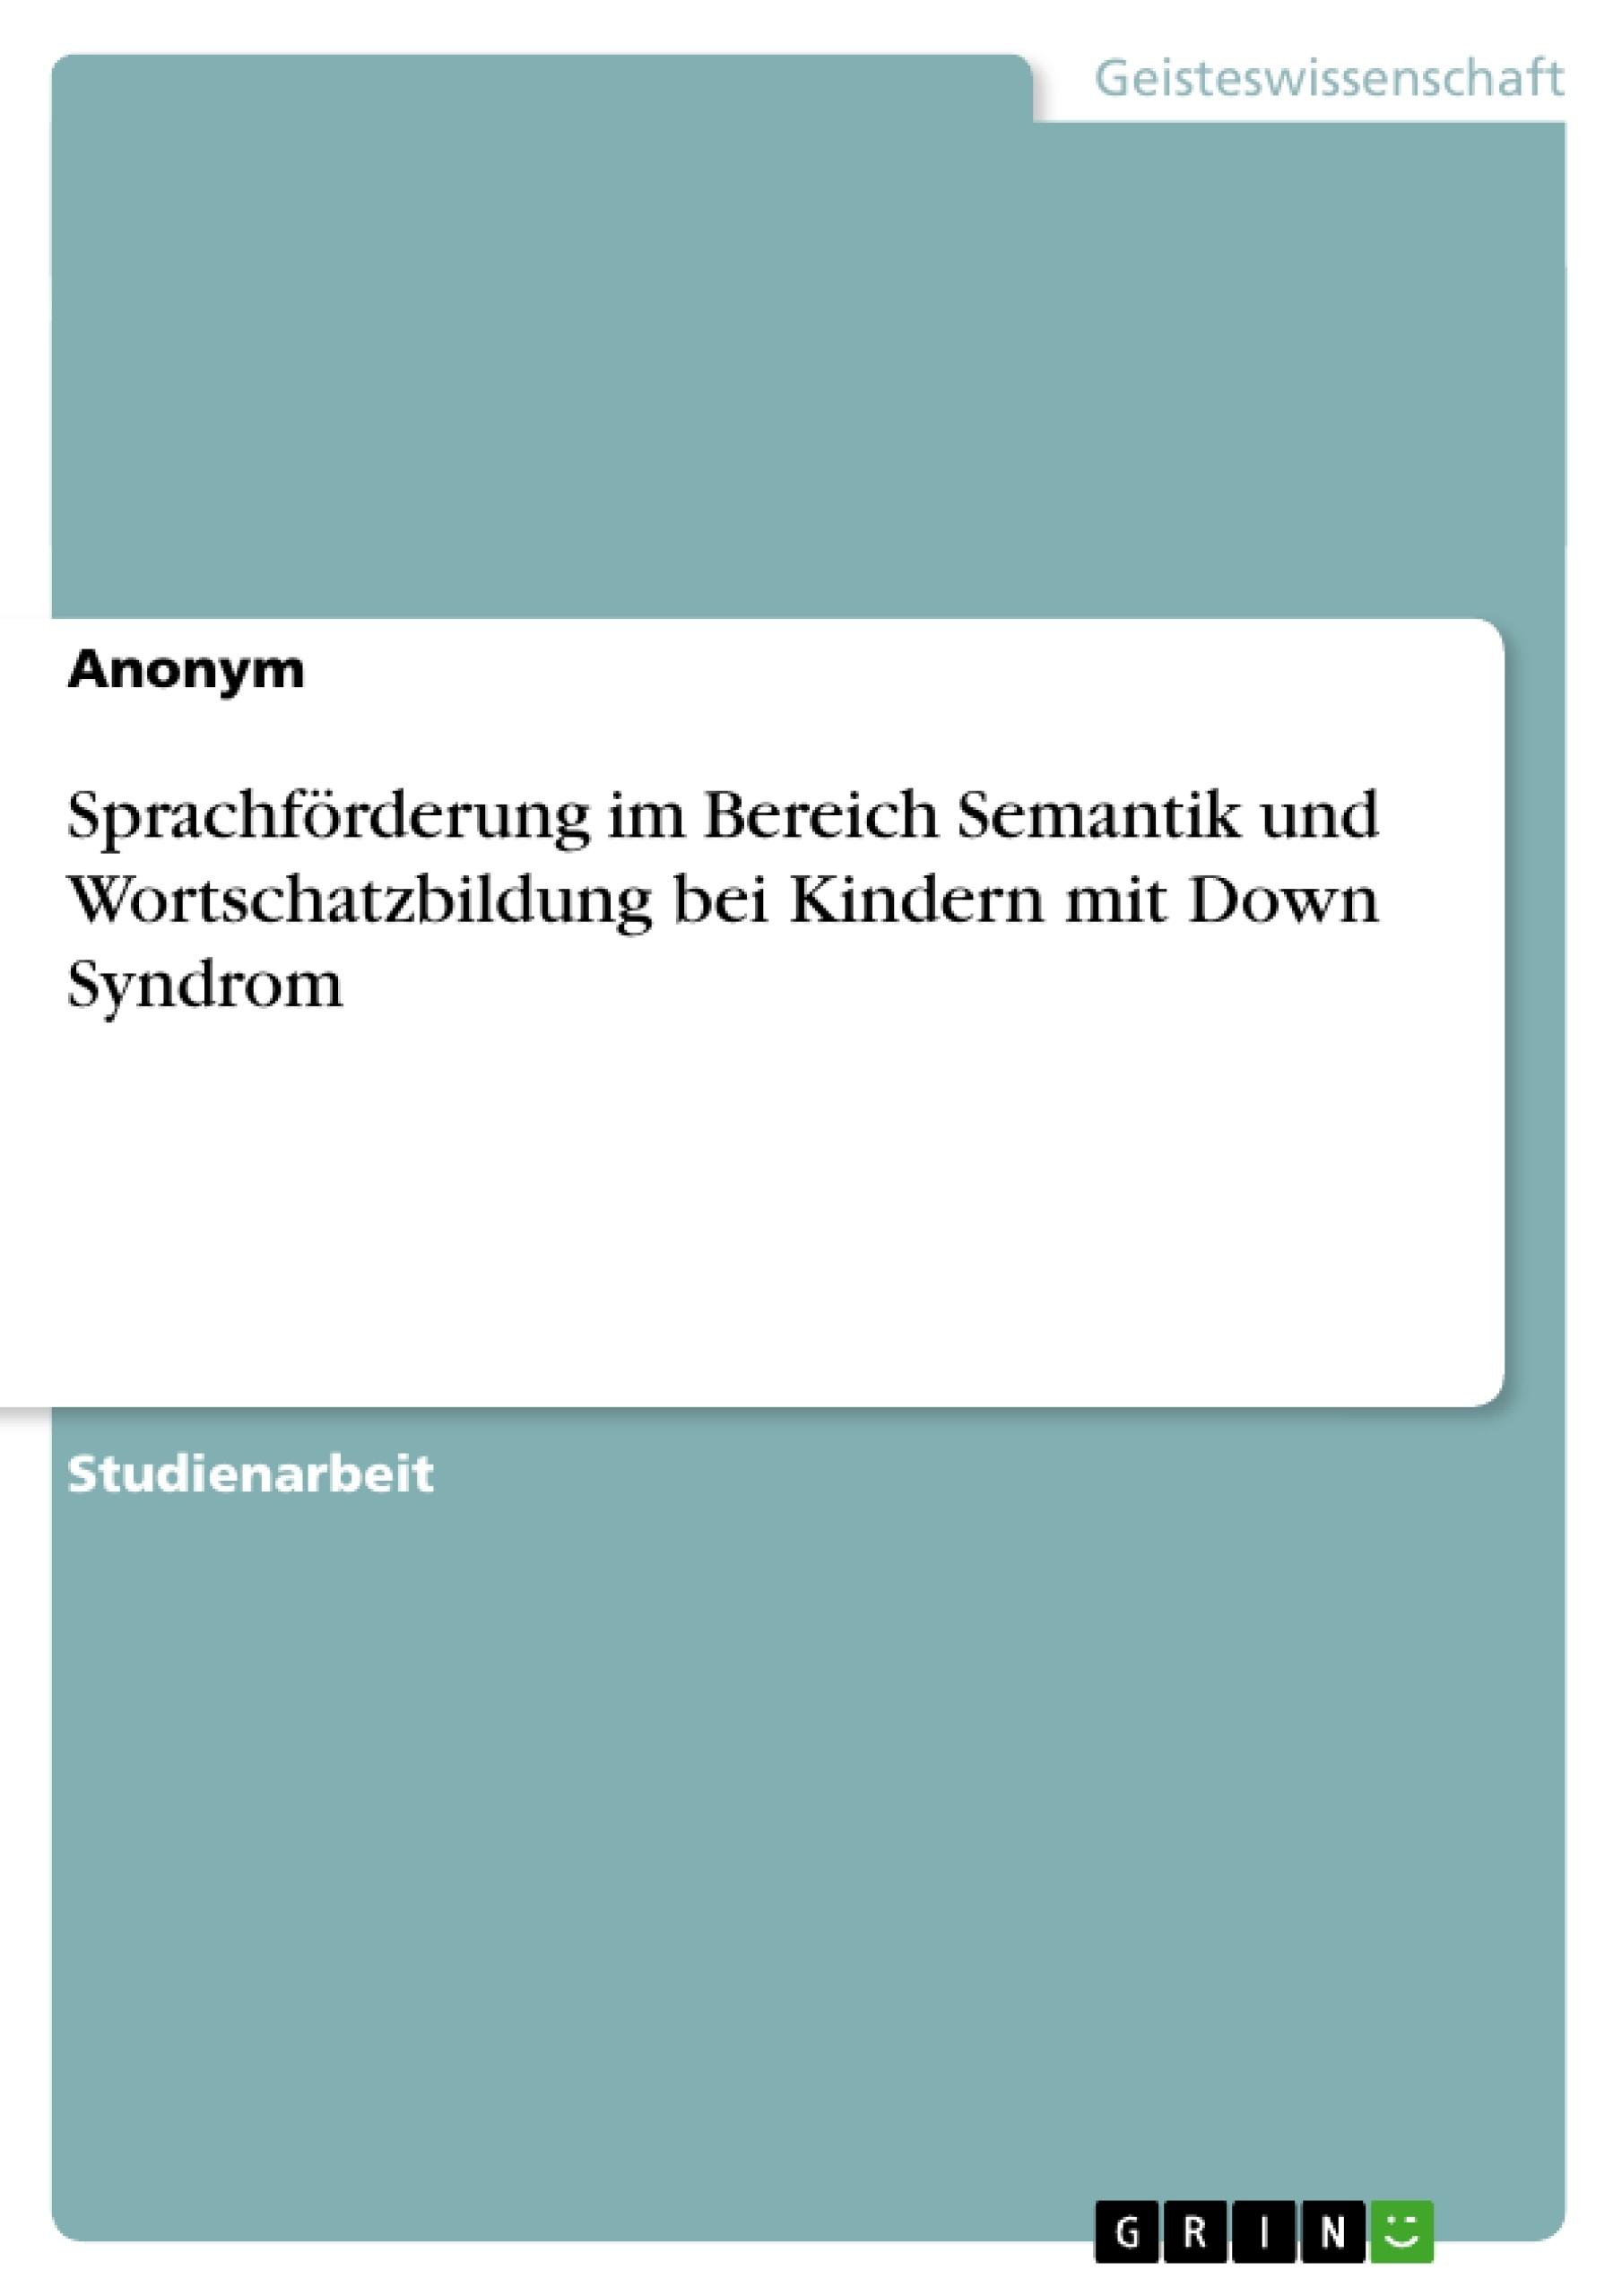 Titel: Sprachförderung im Bereich Semantik und Wortschatzbildung bei Kindern mit Down Syndrom